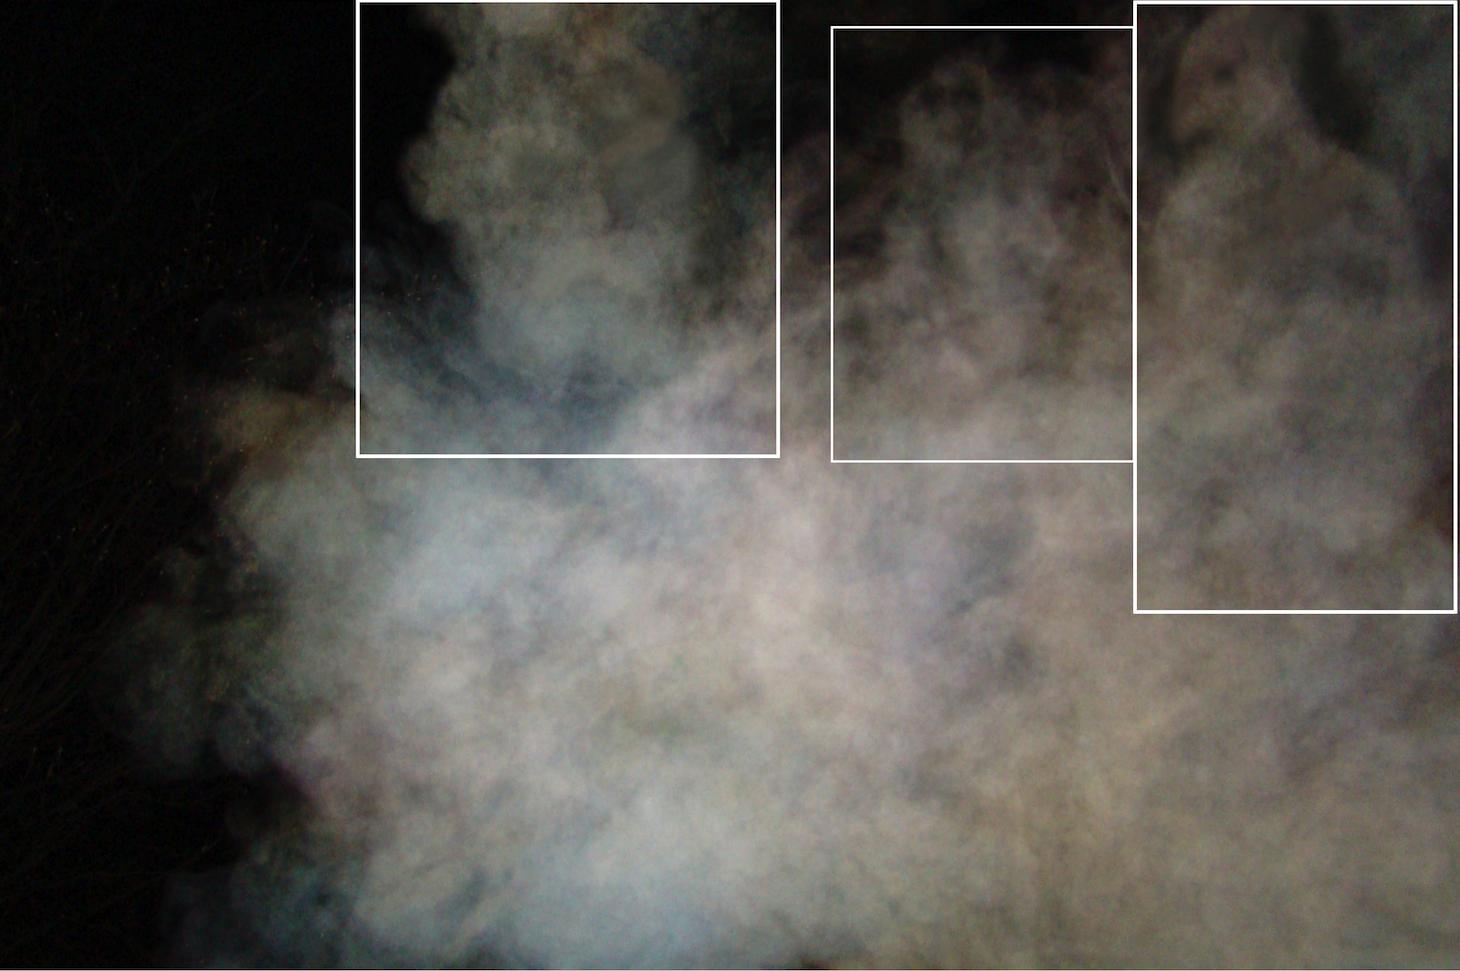 Lors d'ouvertures de fenêtres dimensionnelles, des êtres transdimensionnels  peuvent apparaitre dans les molécules de dihydrogène en suspension dans l'atmosphère,.